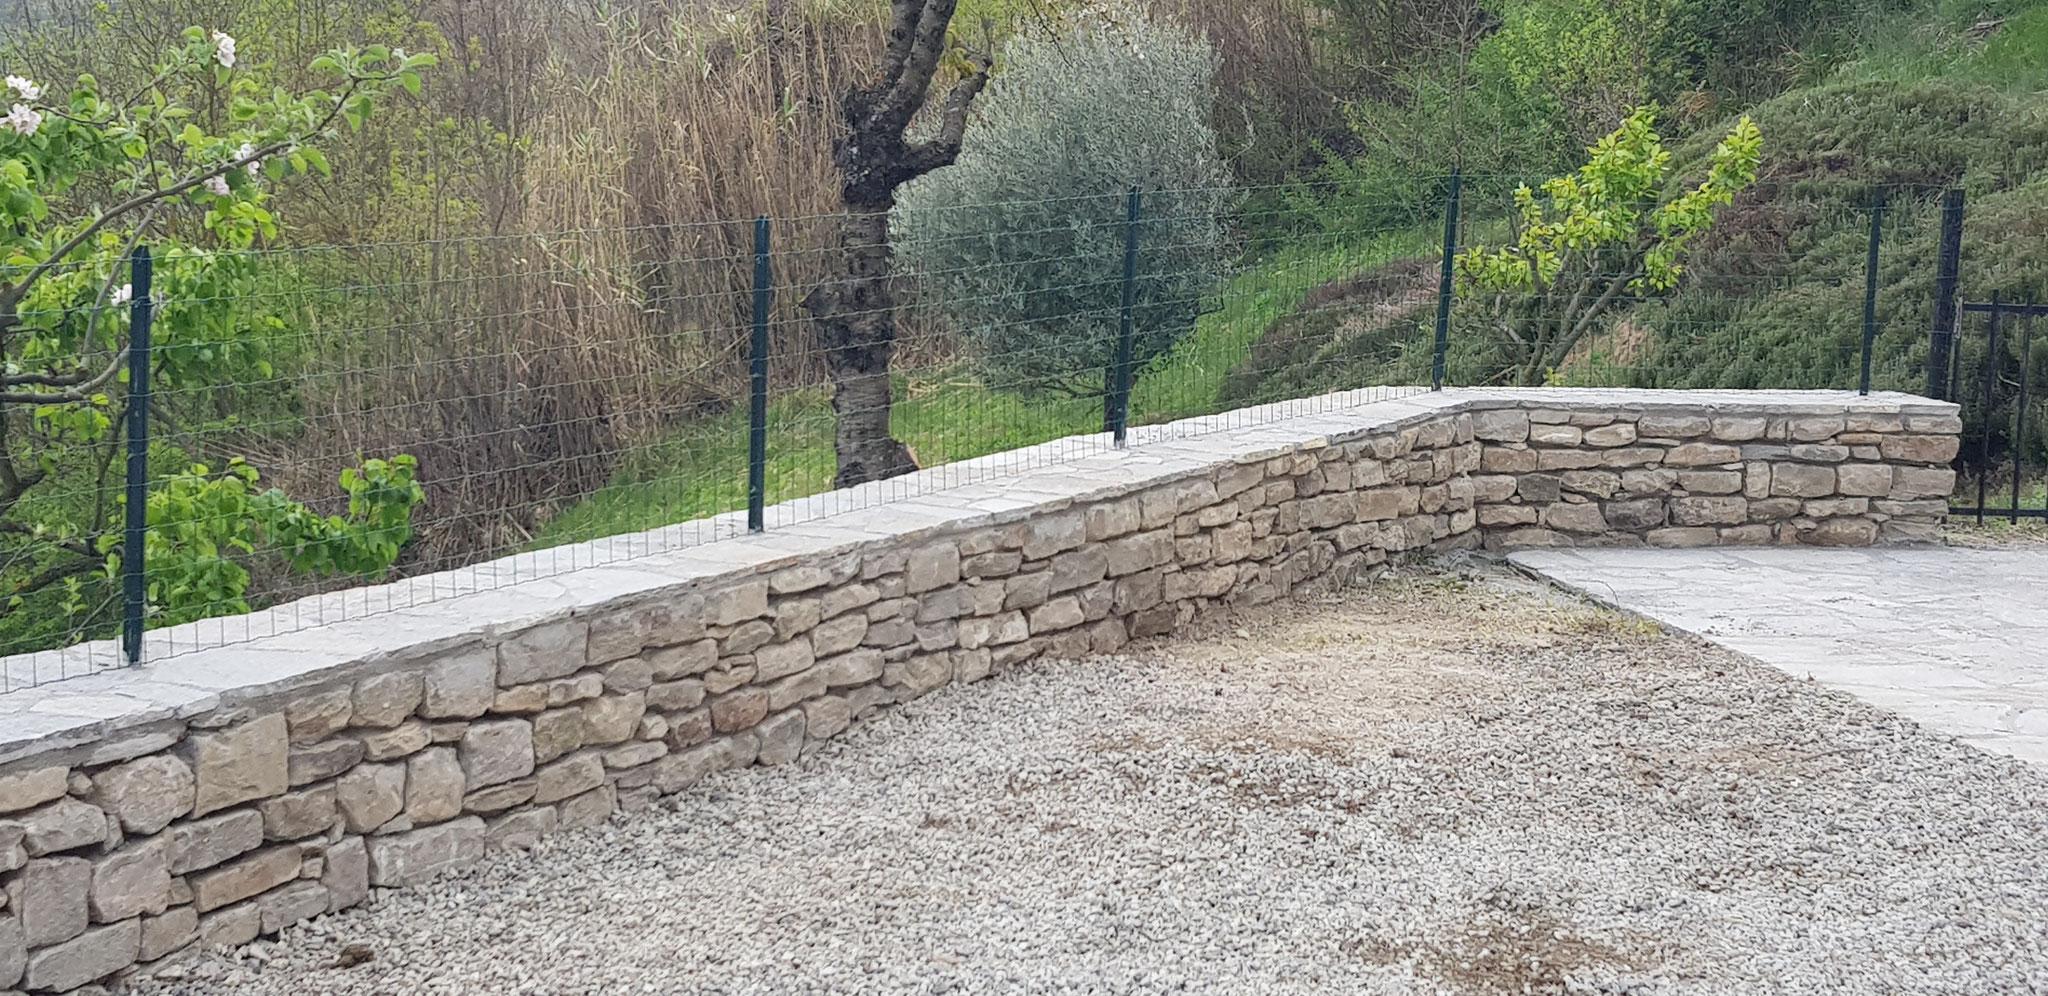 Hier die Natursteinmauer mit dem Zaun. Das muss sein, damit sich keine ungebetenen Tiere bei uns aufhalten.